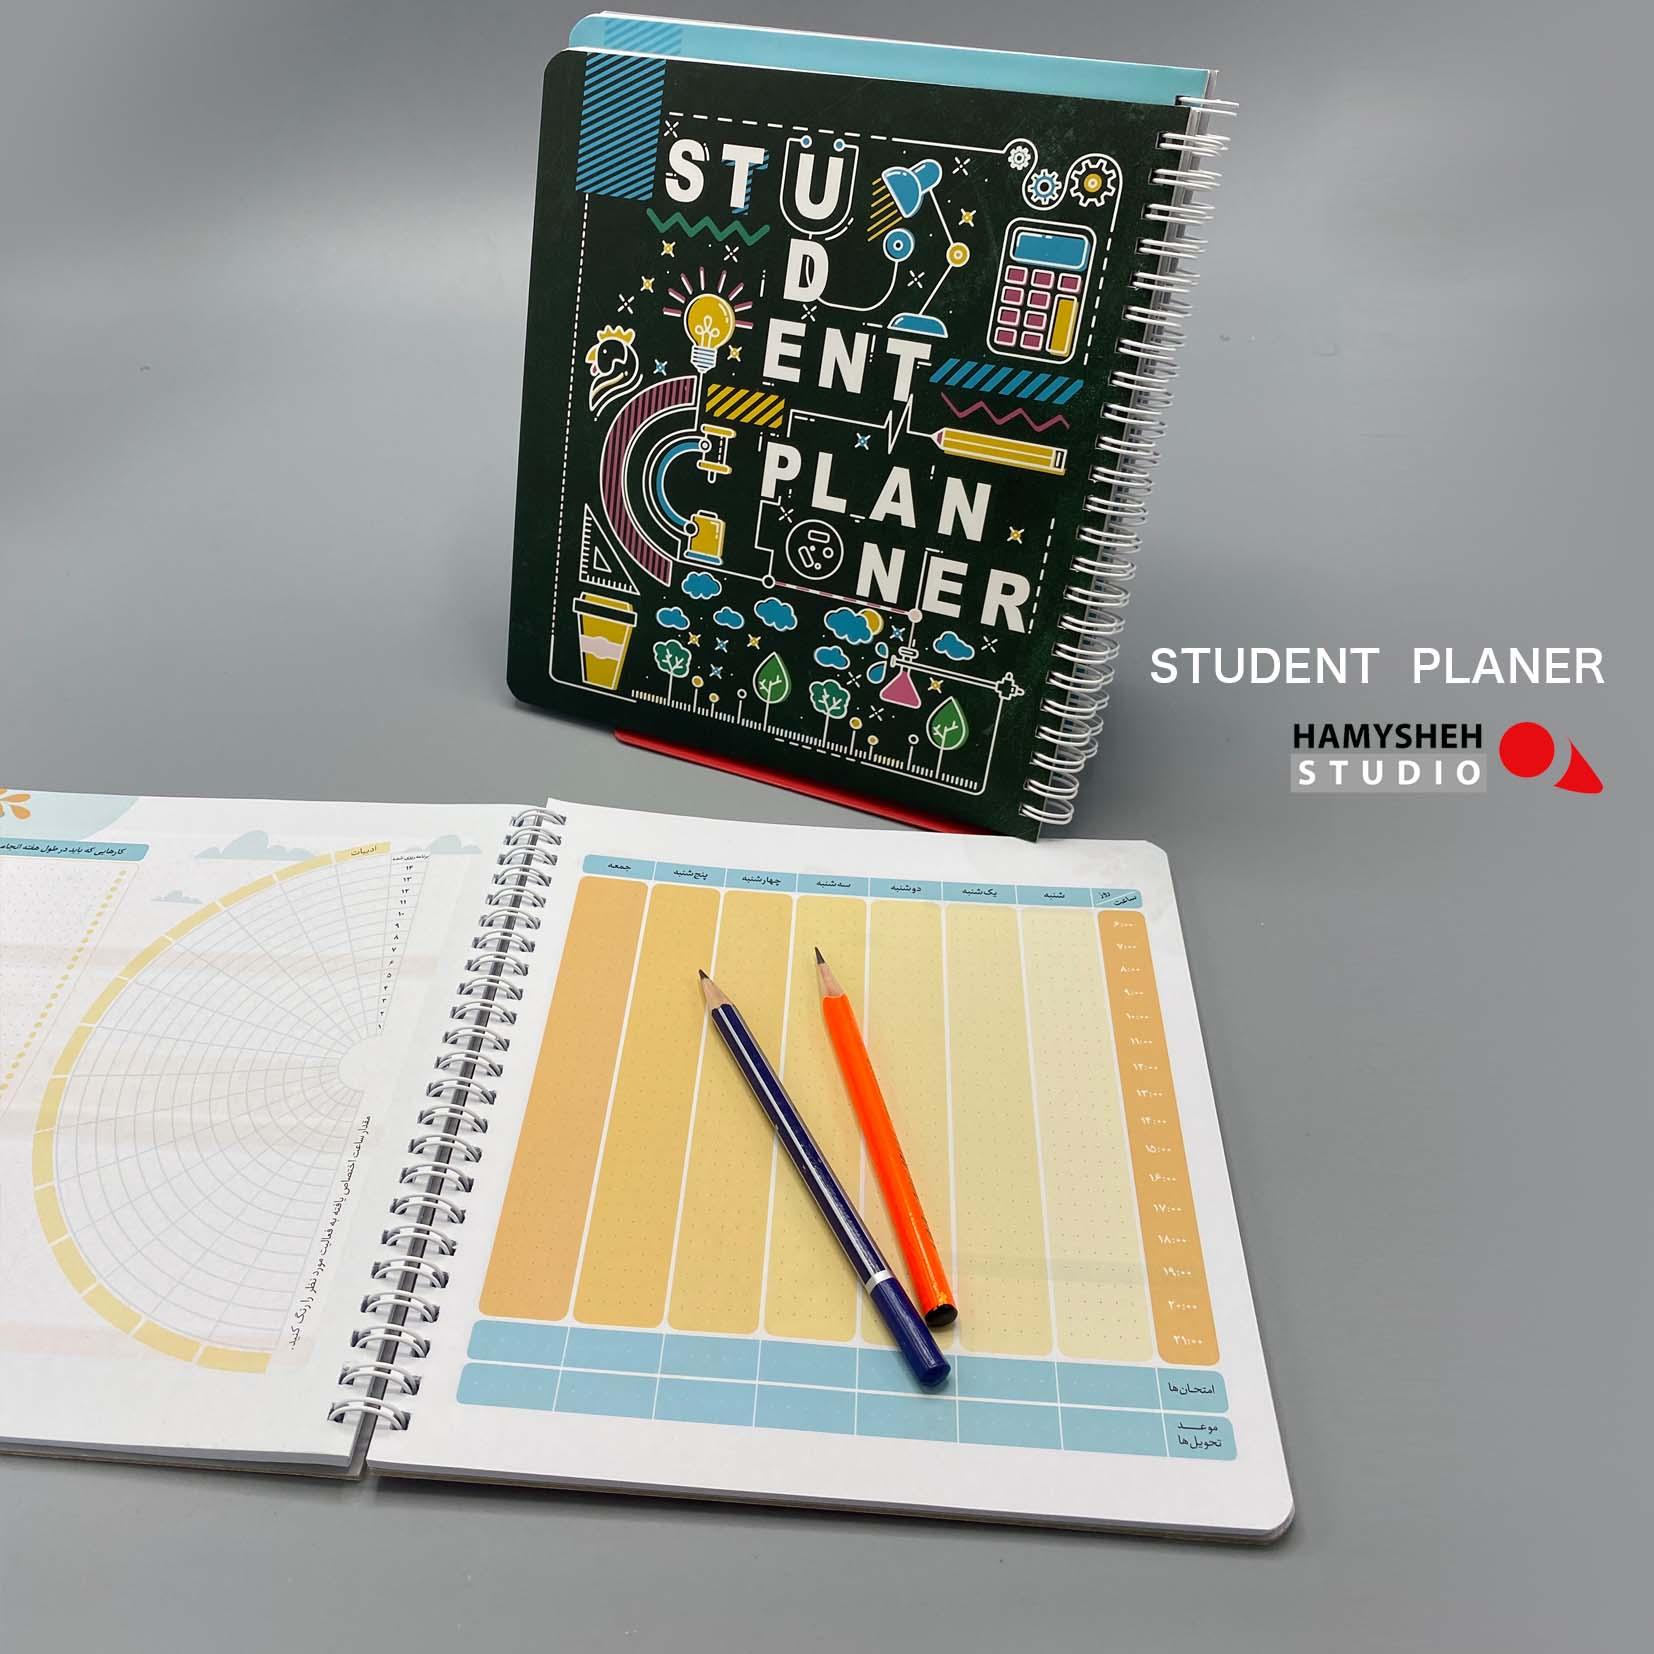 دفتر یادداشت برنامه ریزی دانش آموزی (پلنر سبز،کد559)